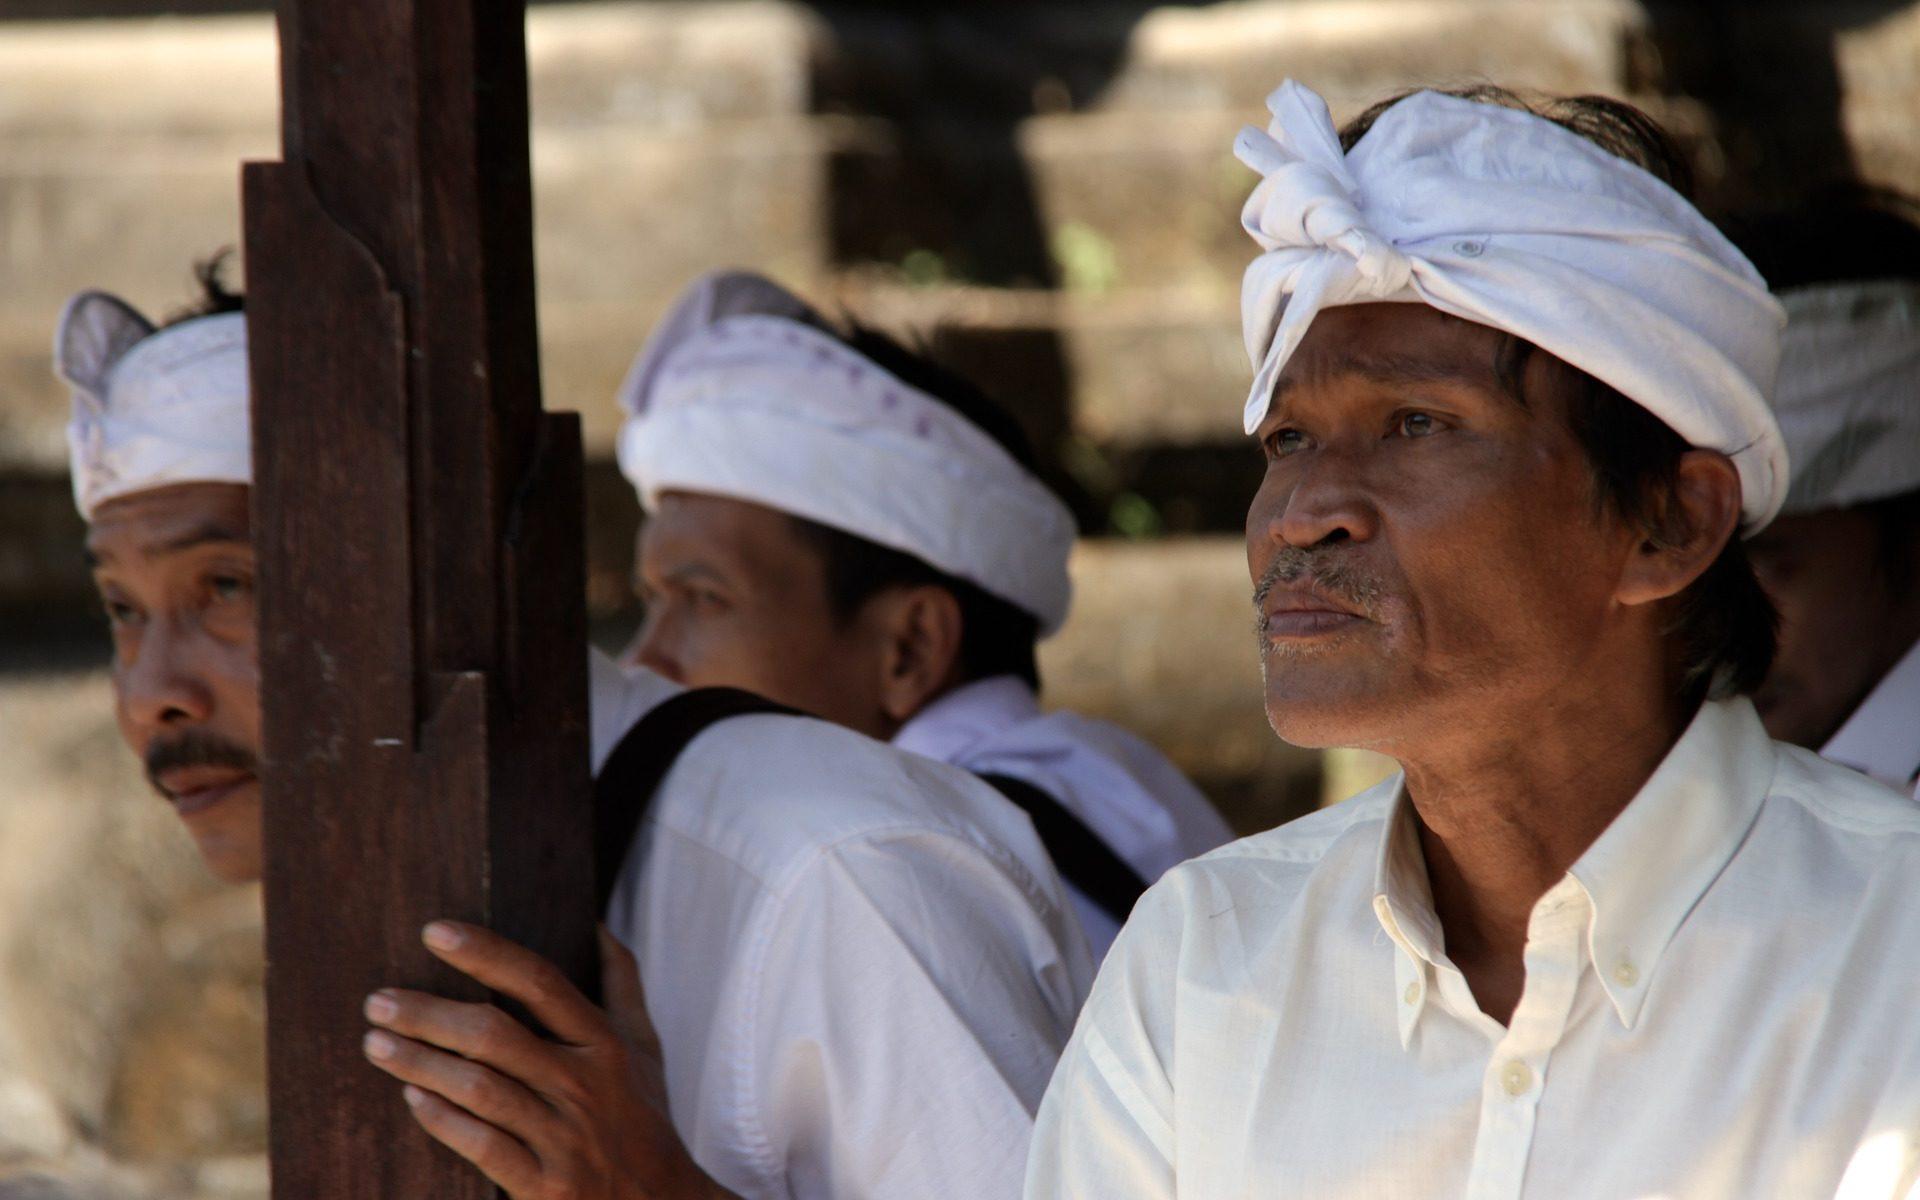 bali old priest 1920x1200 - Indonesien: Hinduismus auf Bali - das Kastenwesen